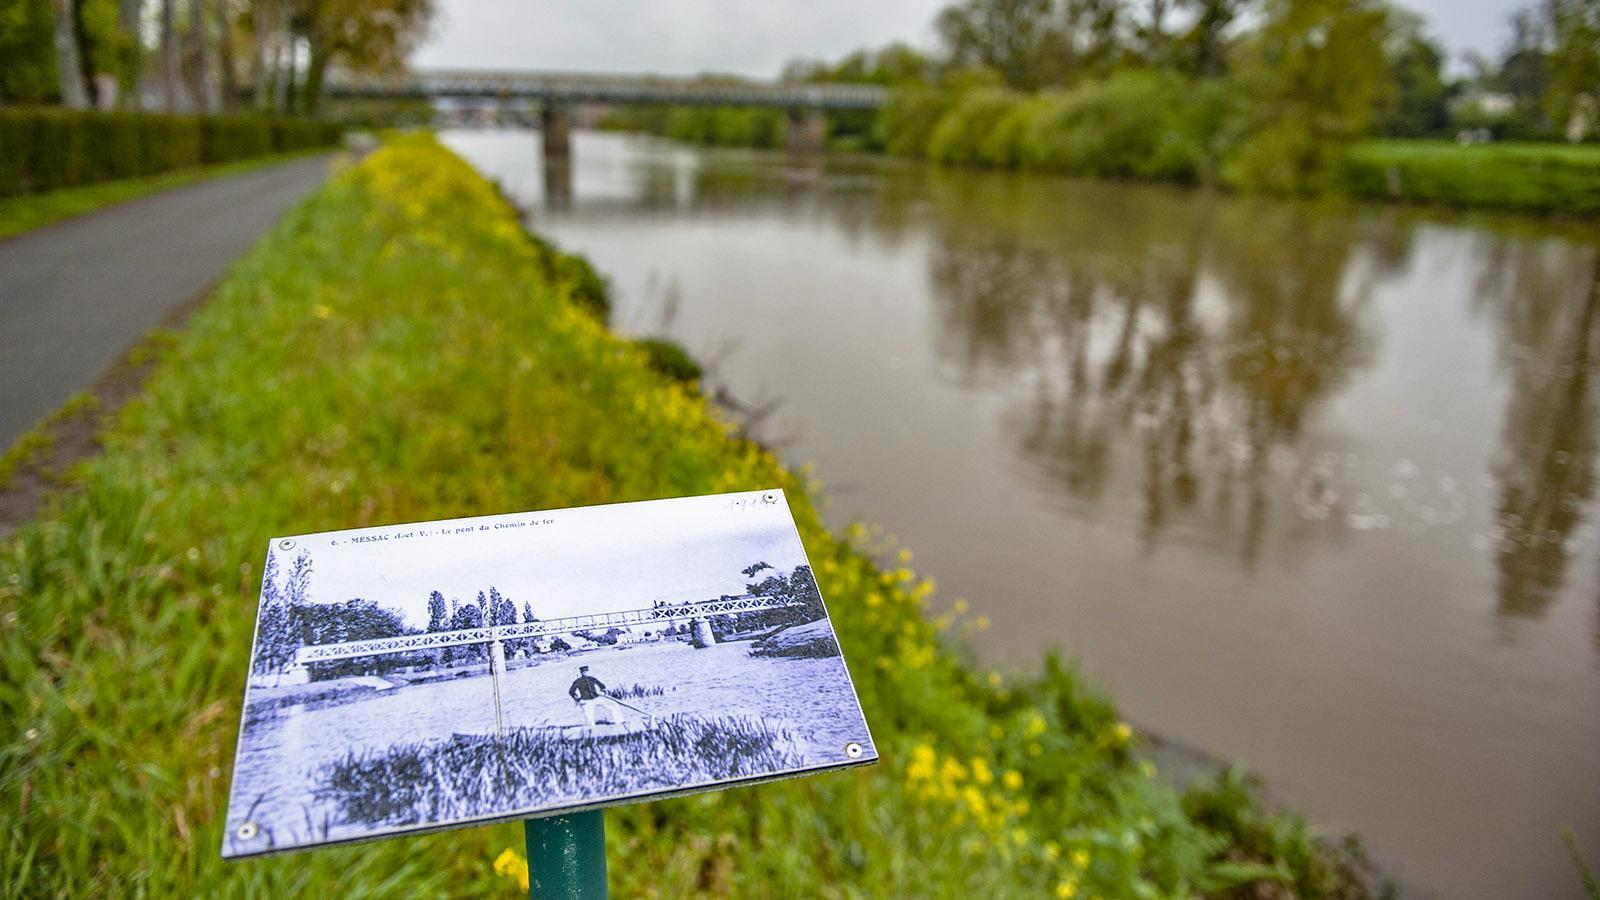 Messac: Am Ufer der Vilaine erinnert Schautafeln an die große Zeit der Binnenschifffahrt. Foto: Hilke Maunder